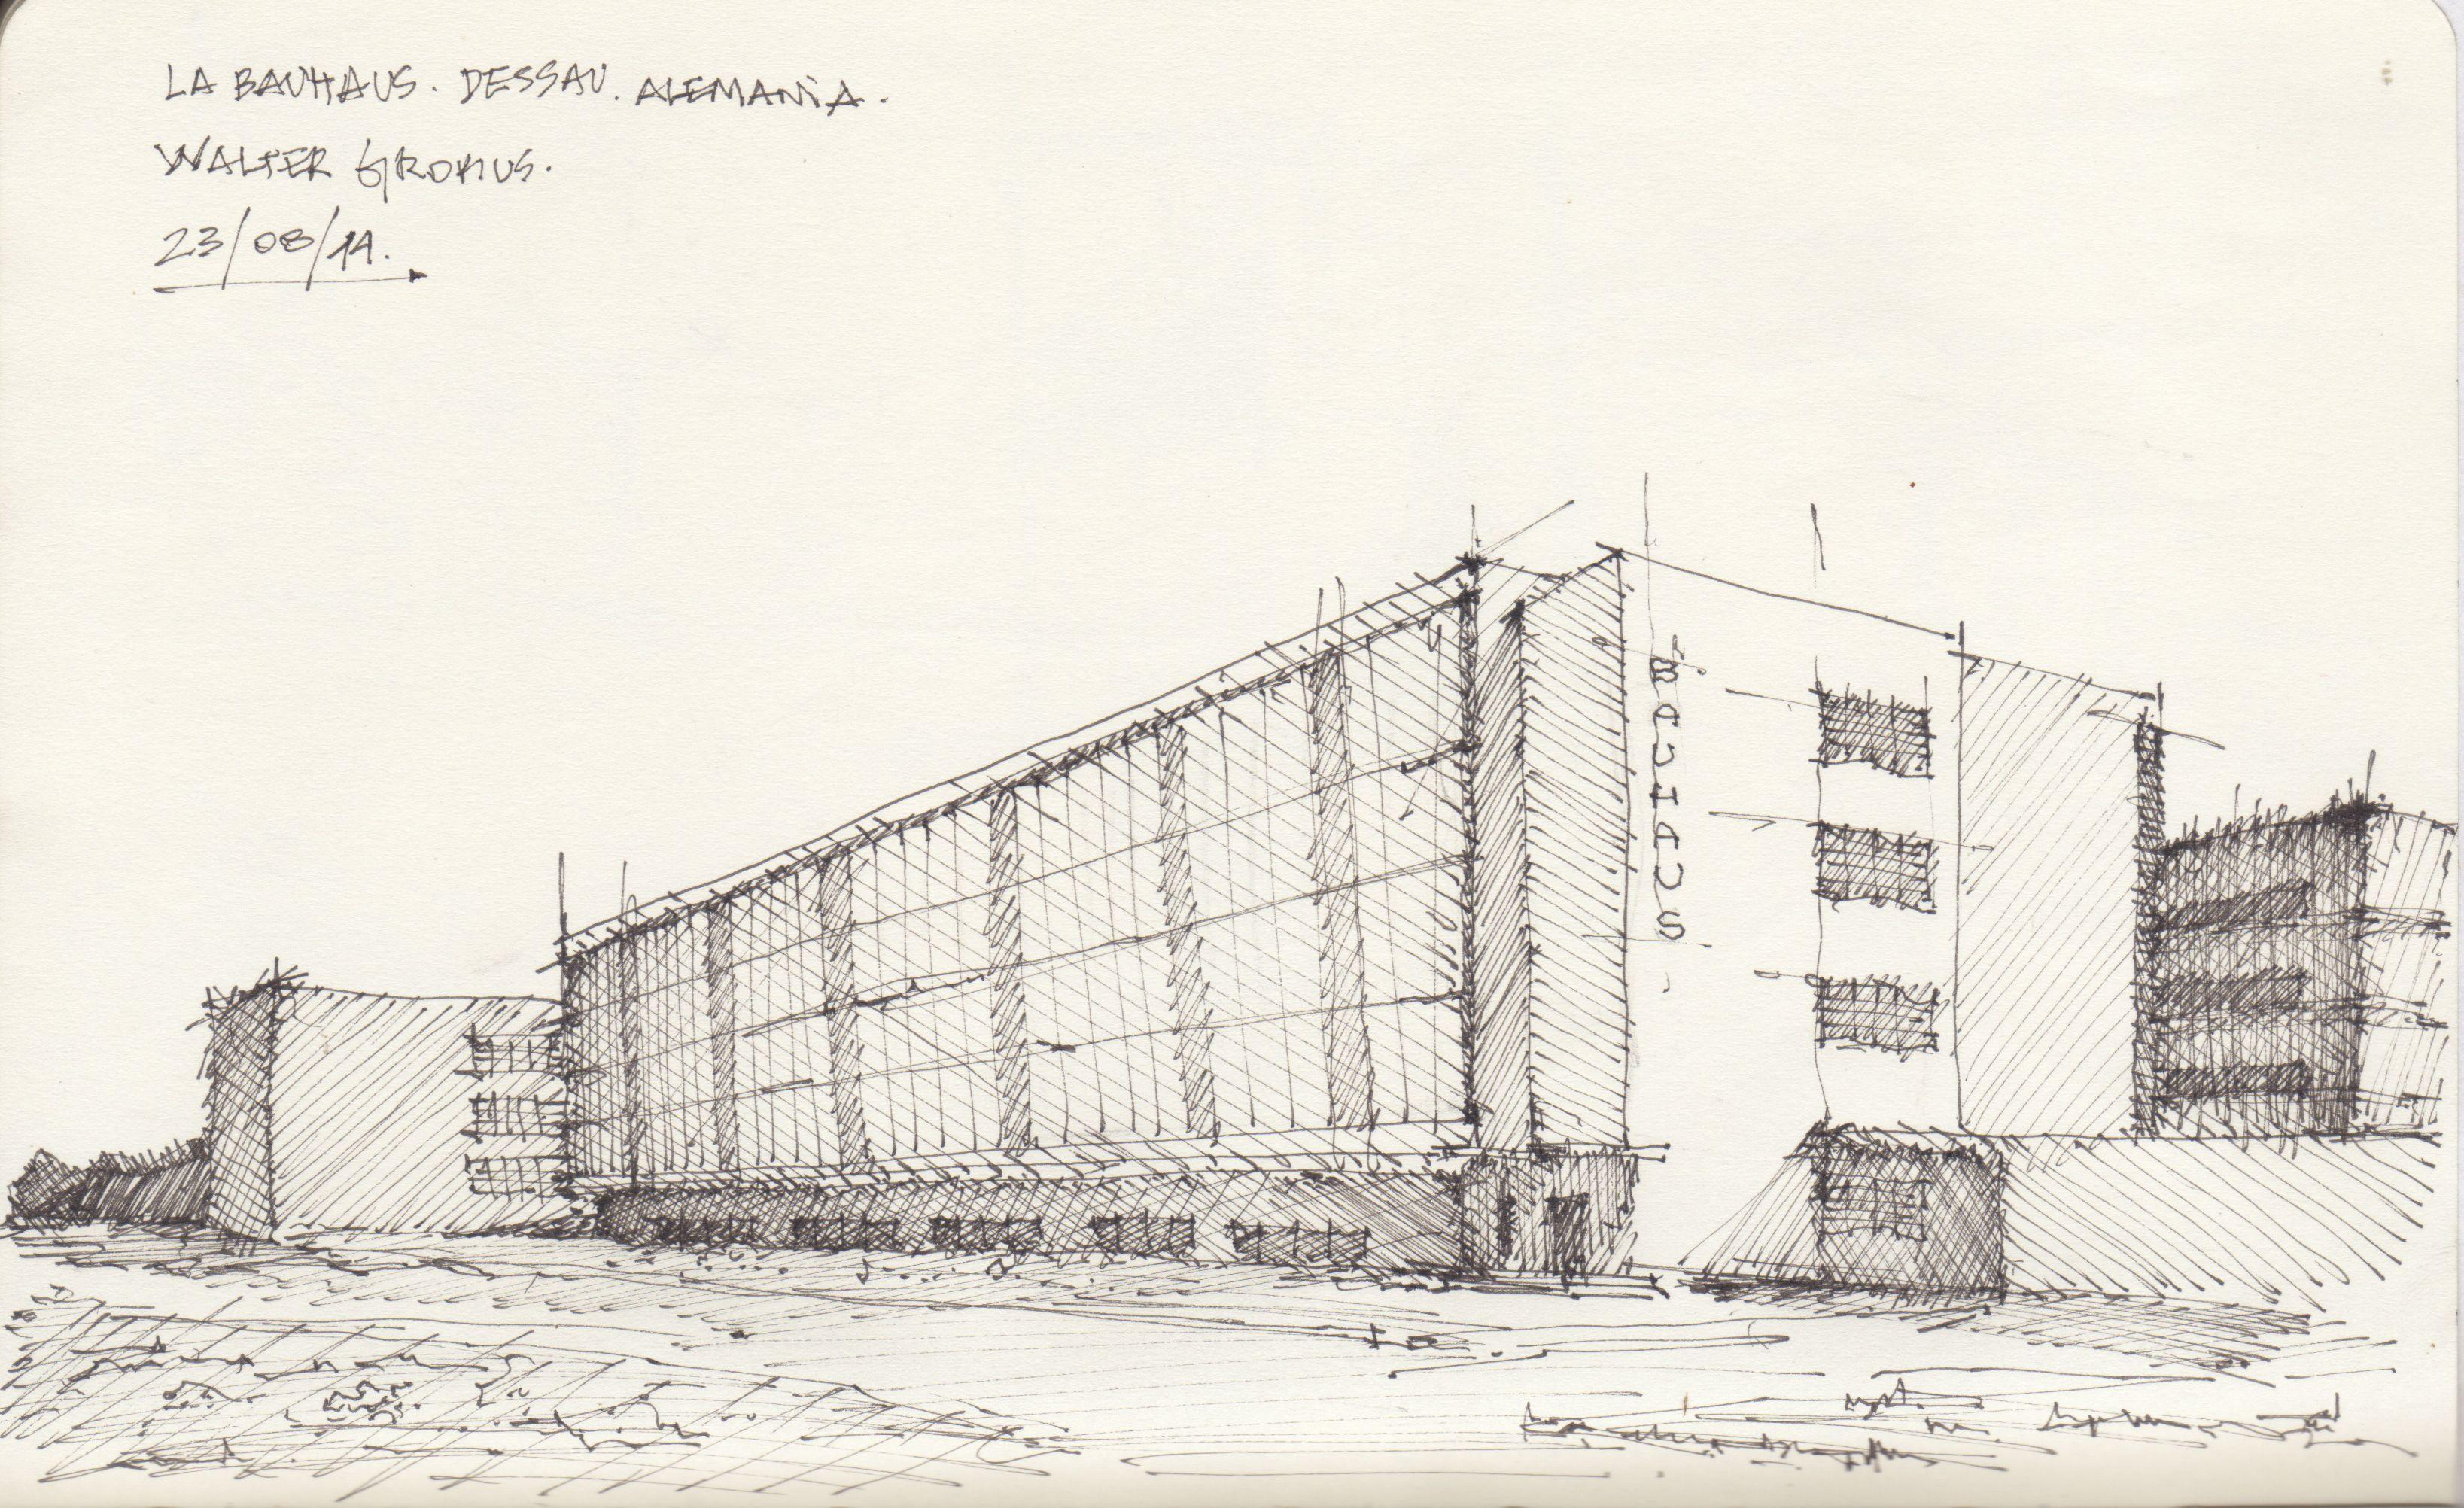 Bauhaus Baumarkt Dessau croquis bauhaus dessau por facundo alvarez bitacora